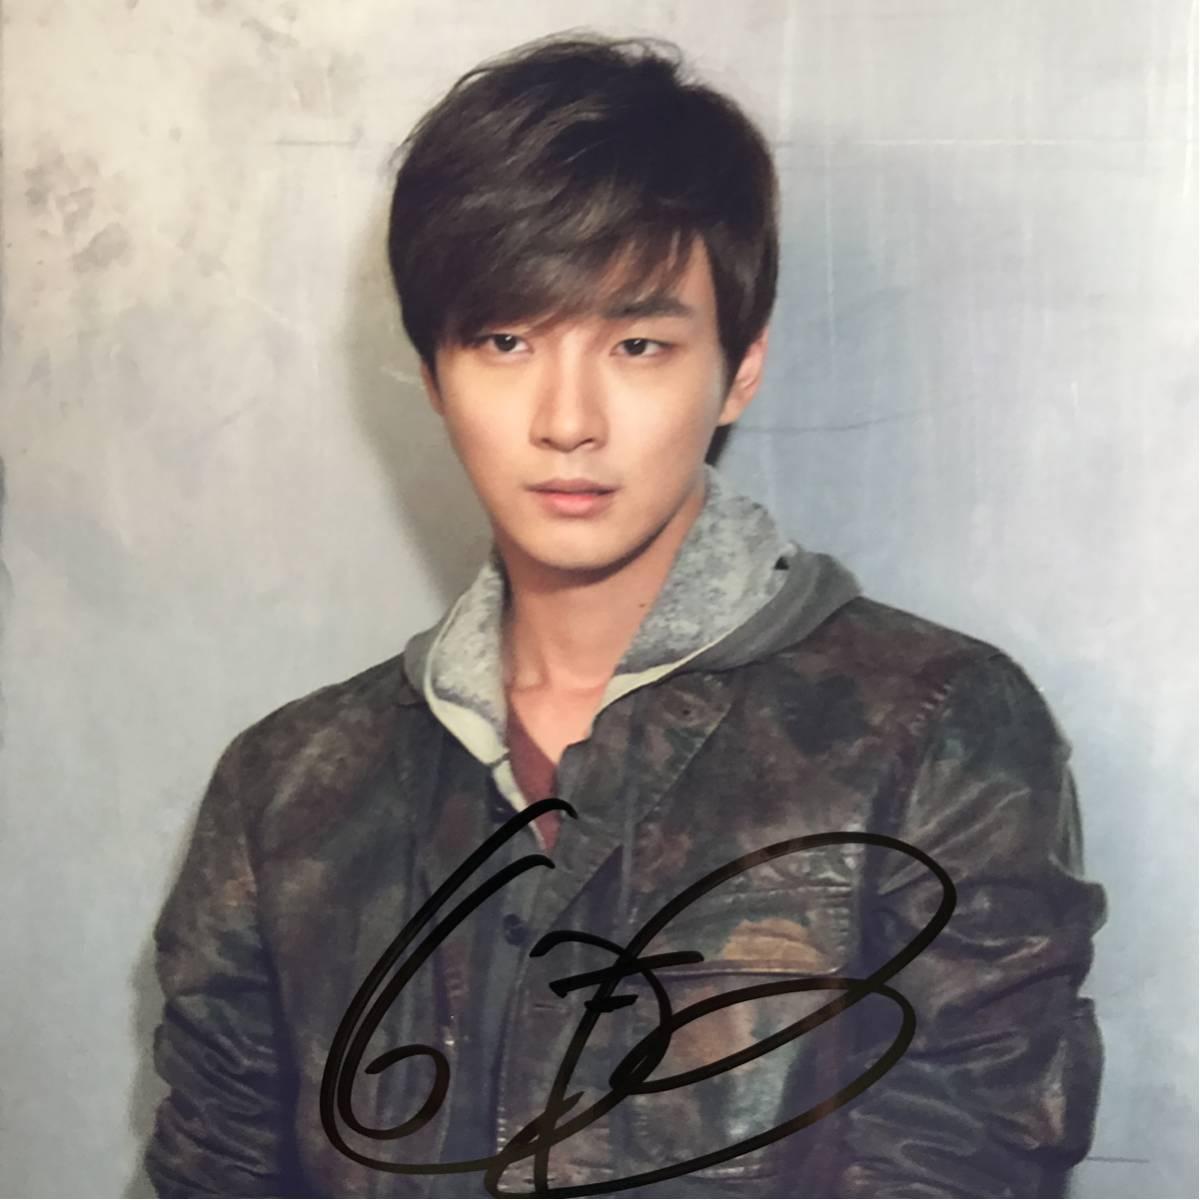 ユン・シユン直筆サイン入り写真